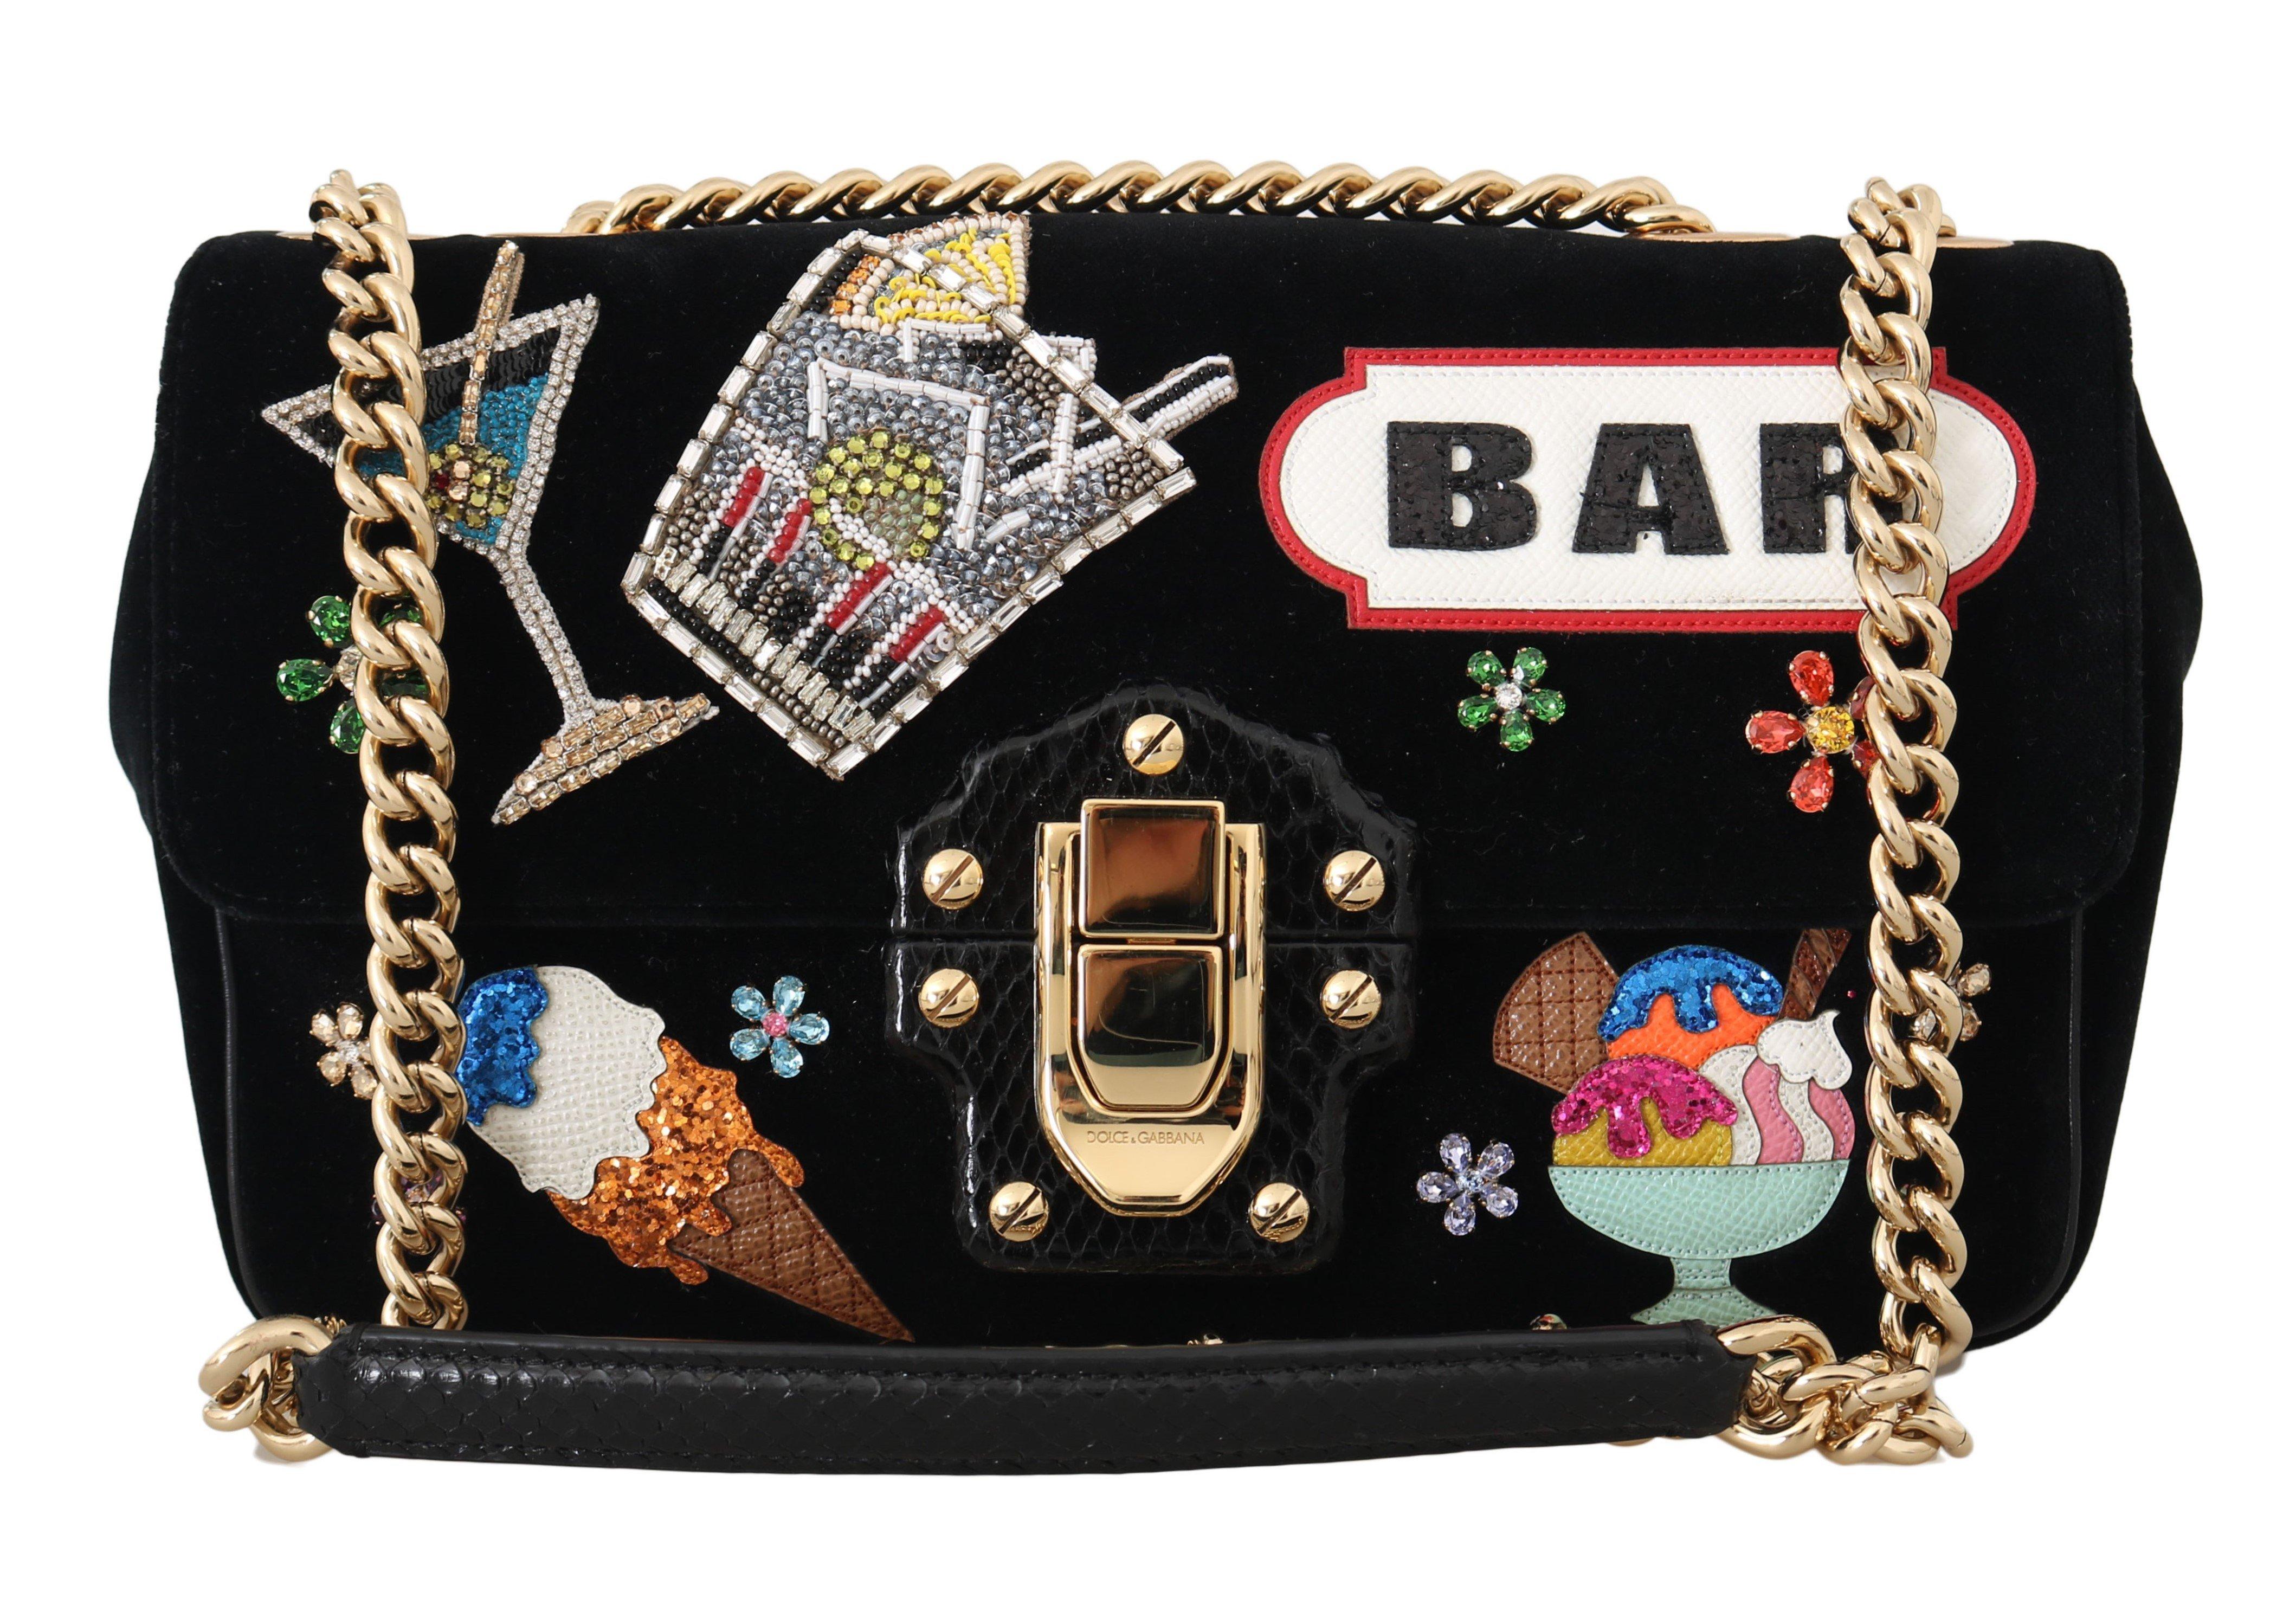 Dolce & Gabbana Women's Crystal BAR Shoulder Bag Black VAS15102